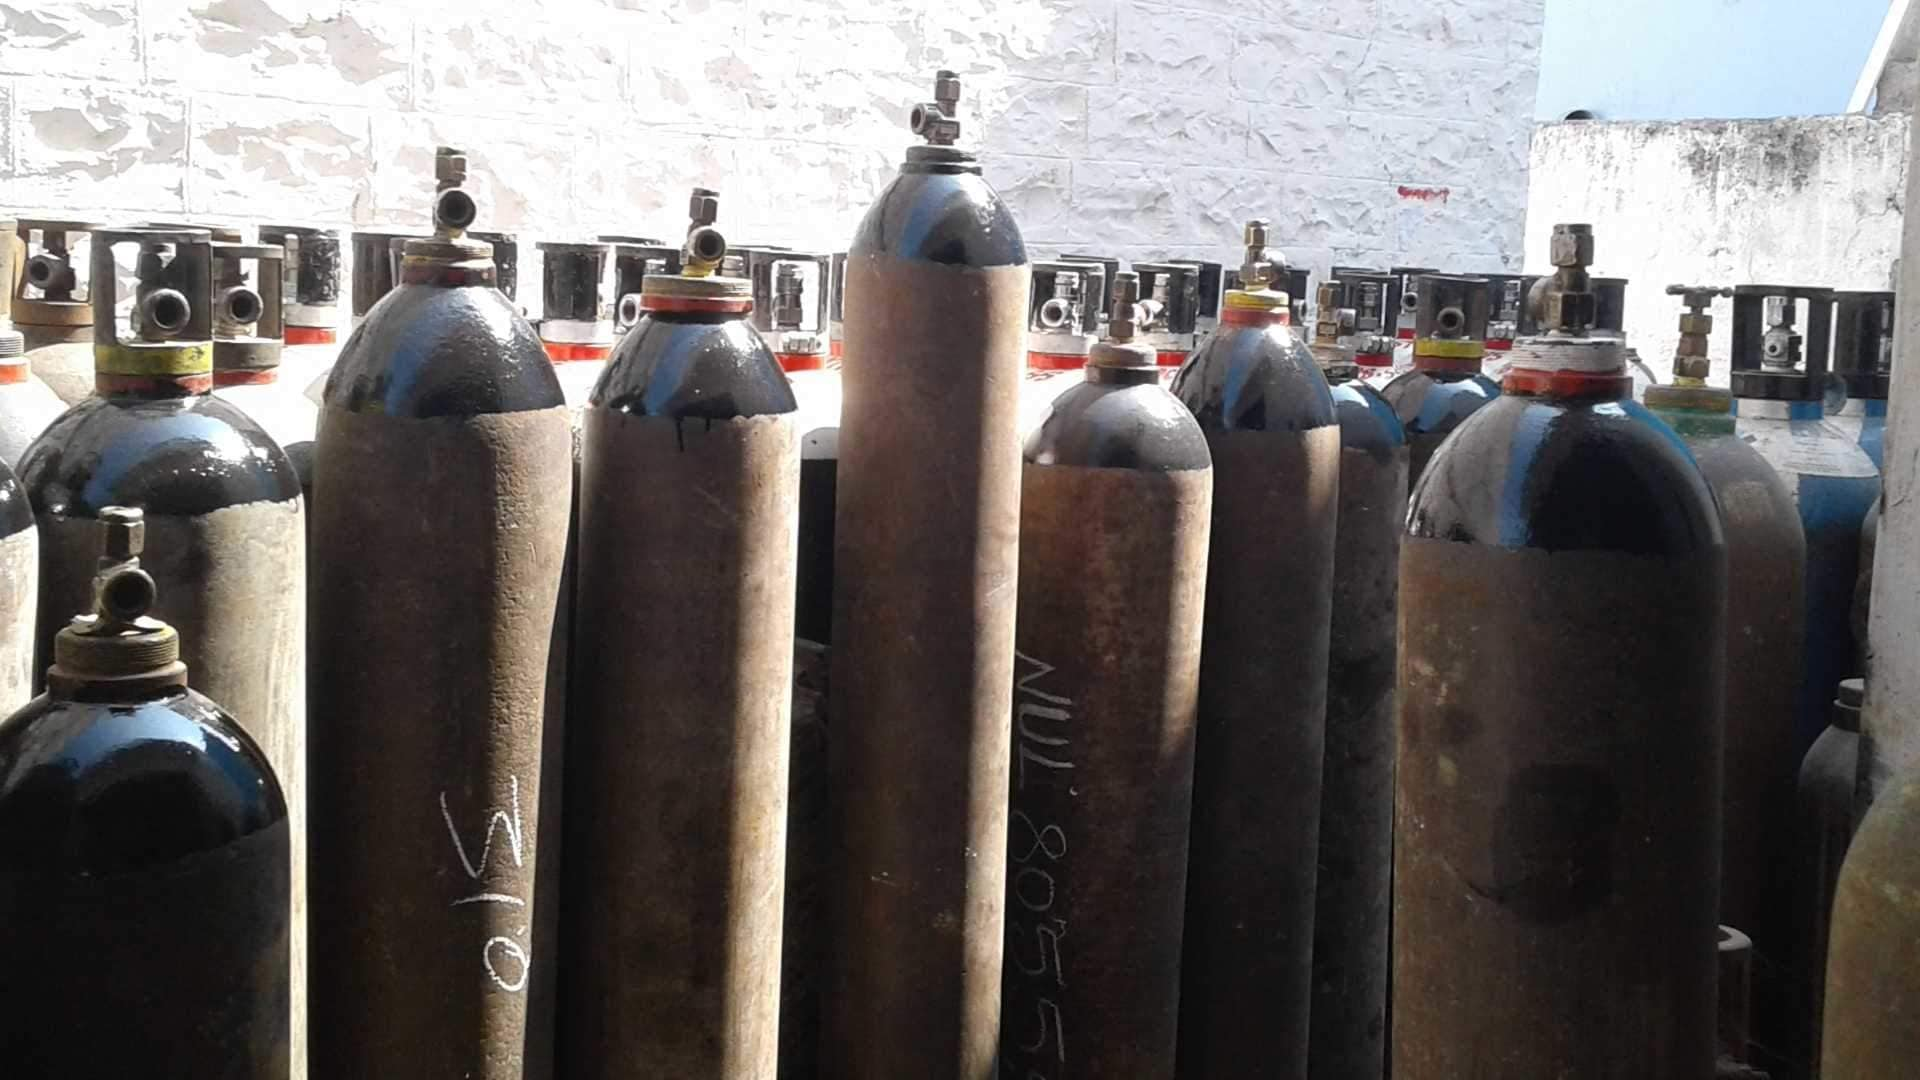 मोठा निर्णय! औद्योगिक वापरासाठी ऑक्सिजनचा पुरवठा करण्यावर केंद्र सरकारकडून बंदी